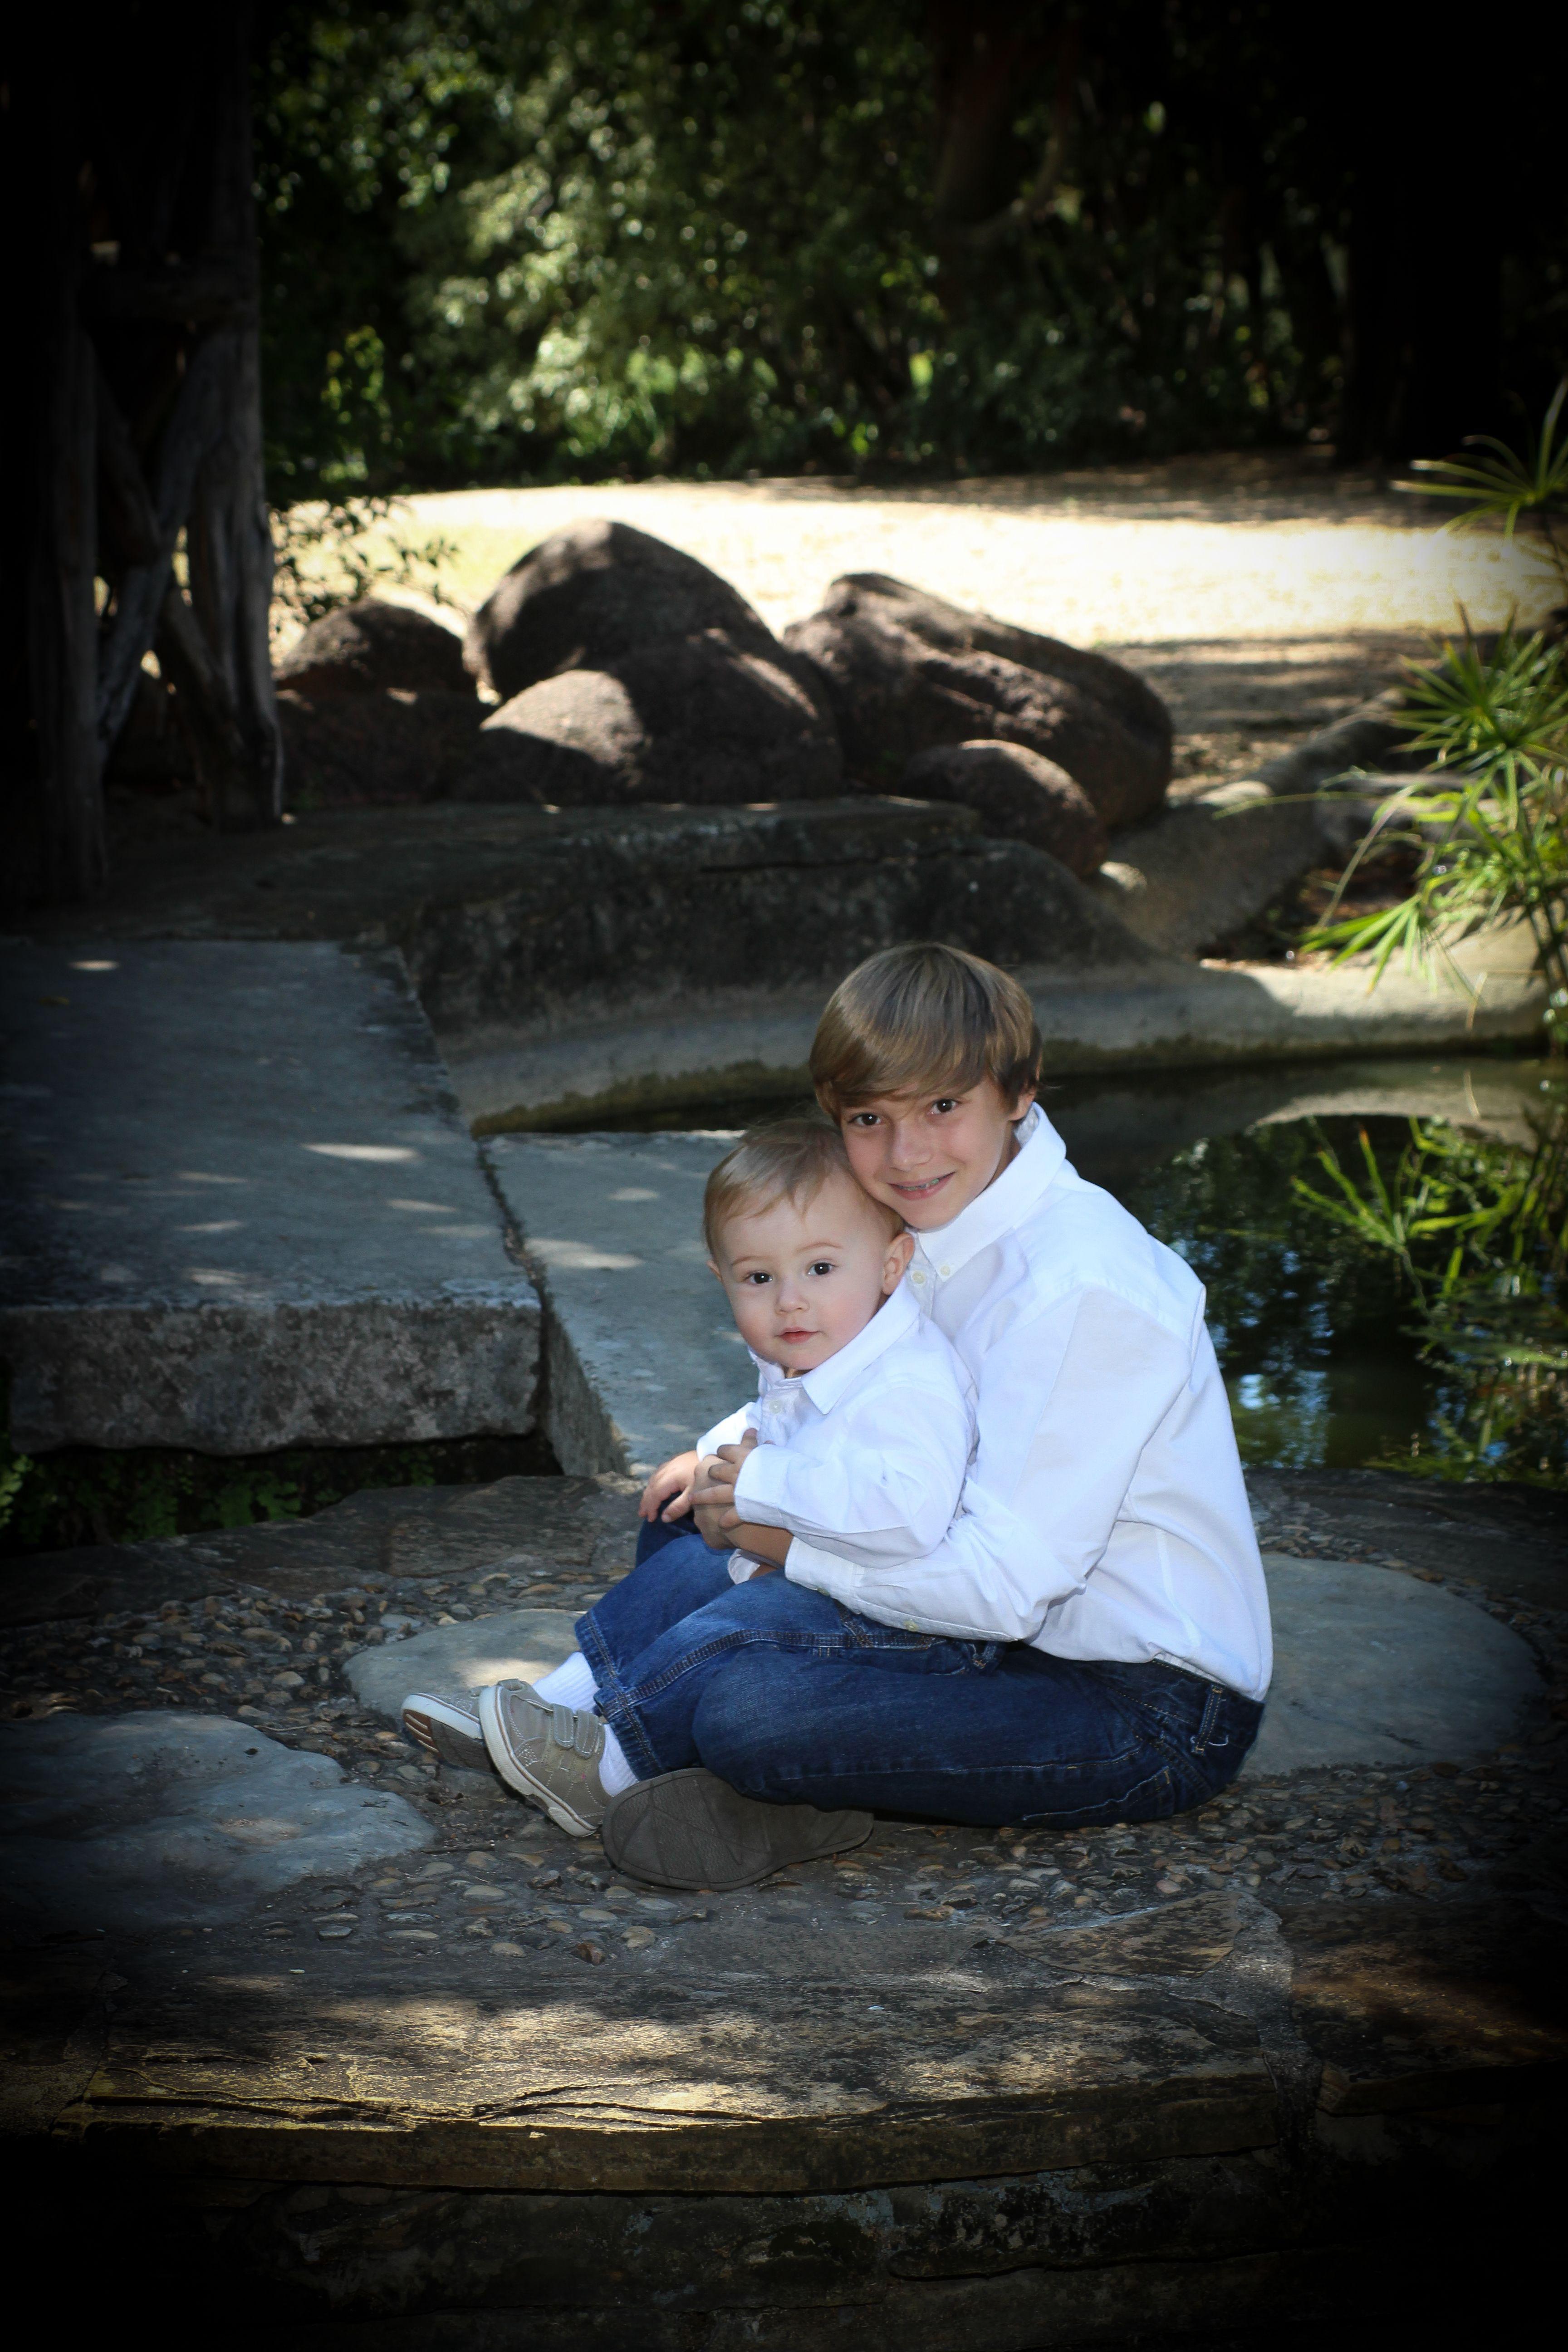 Toby and Zachery